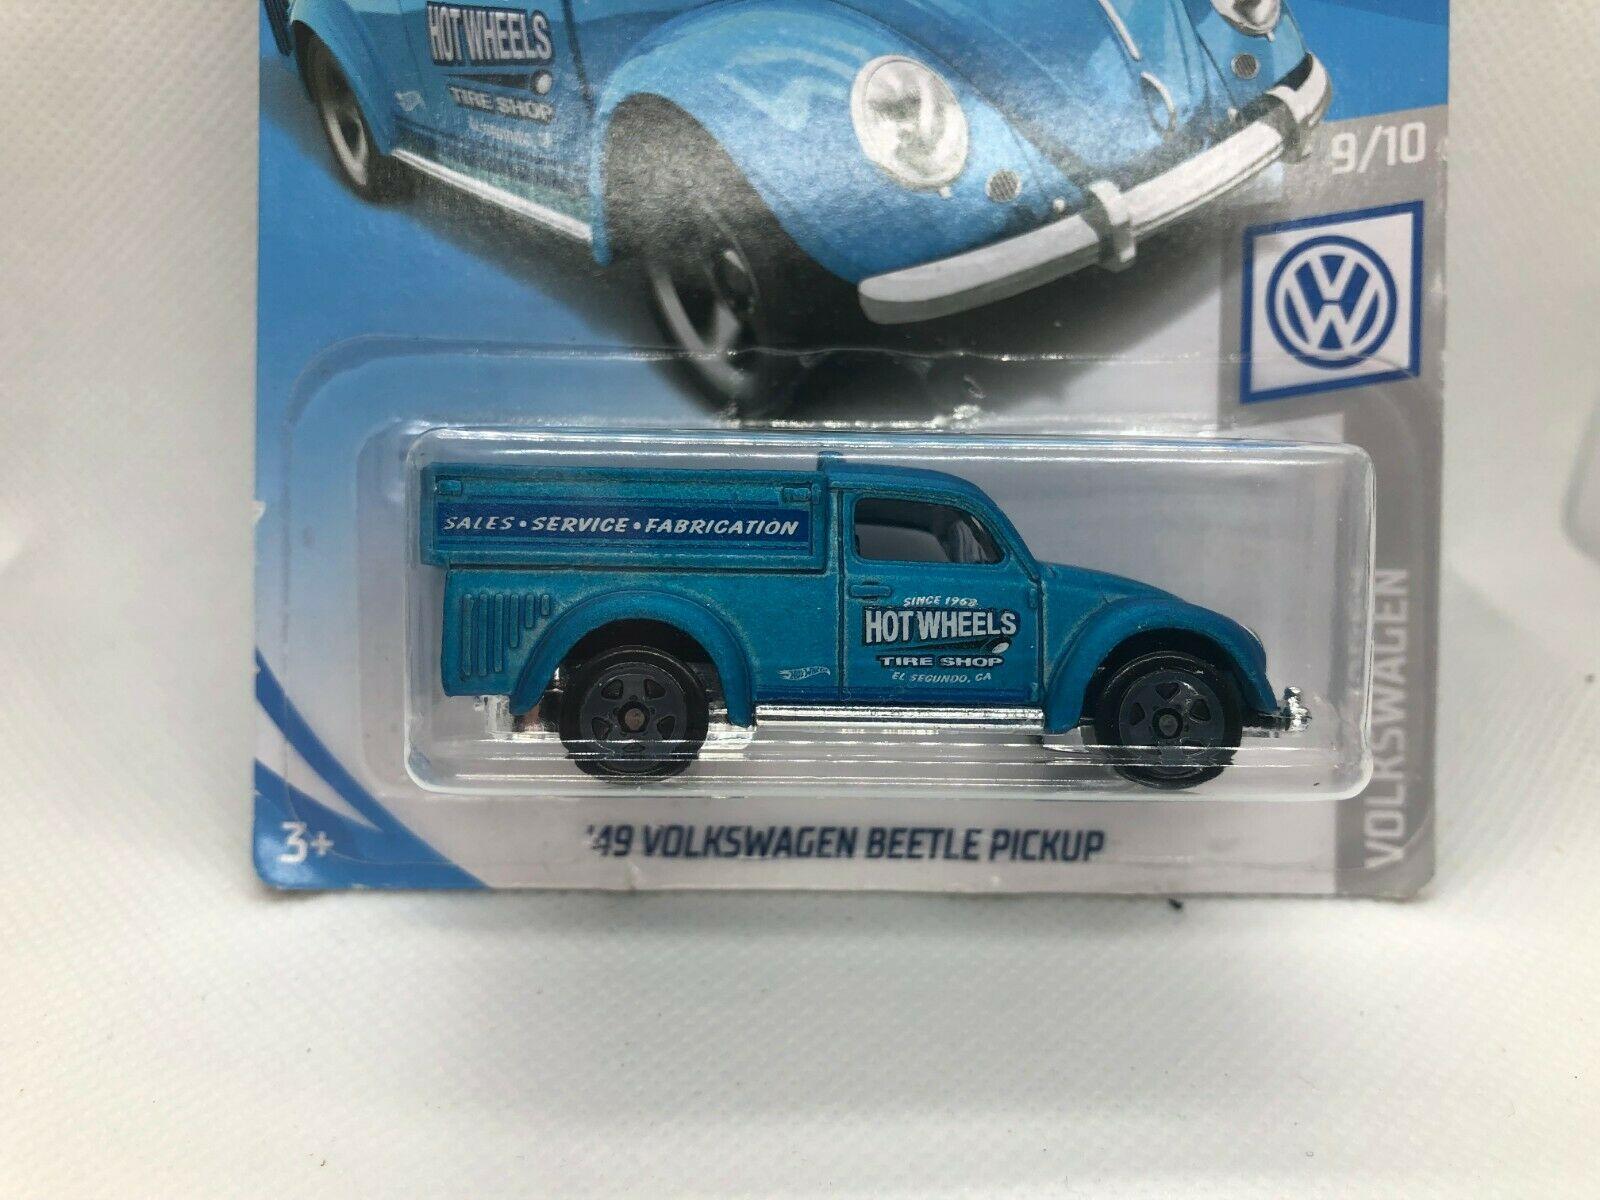 49 Volkswagen Beetle Pickup